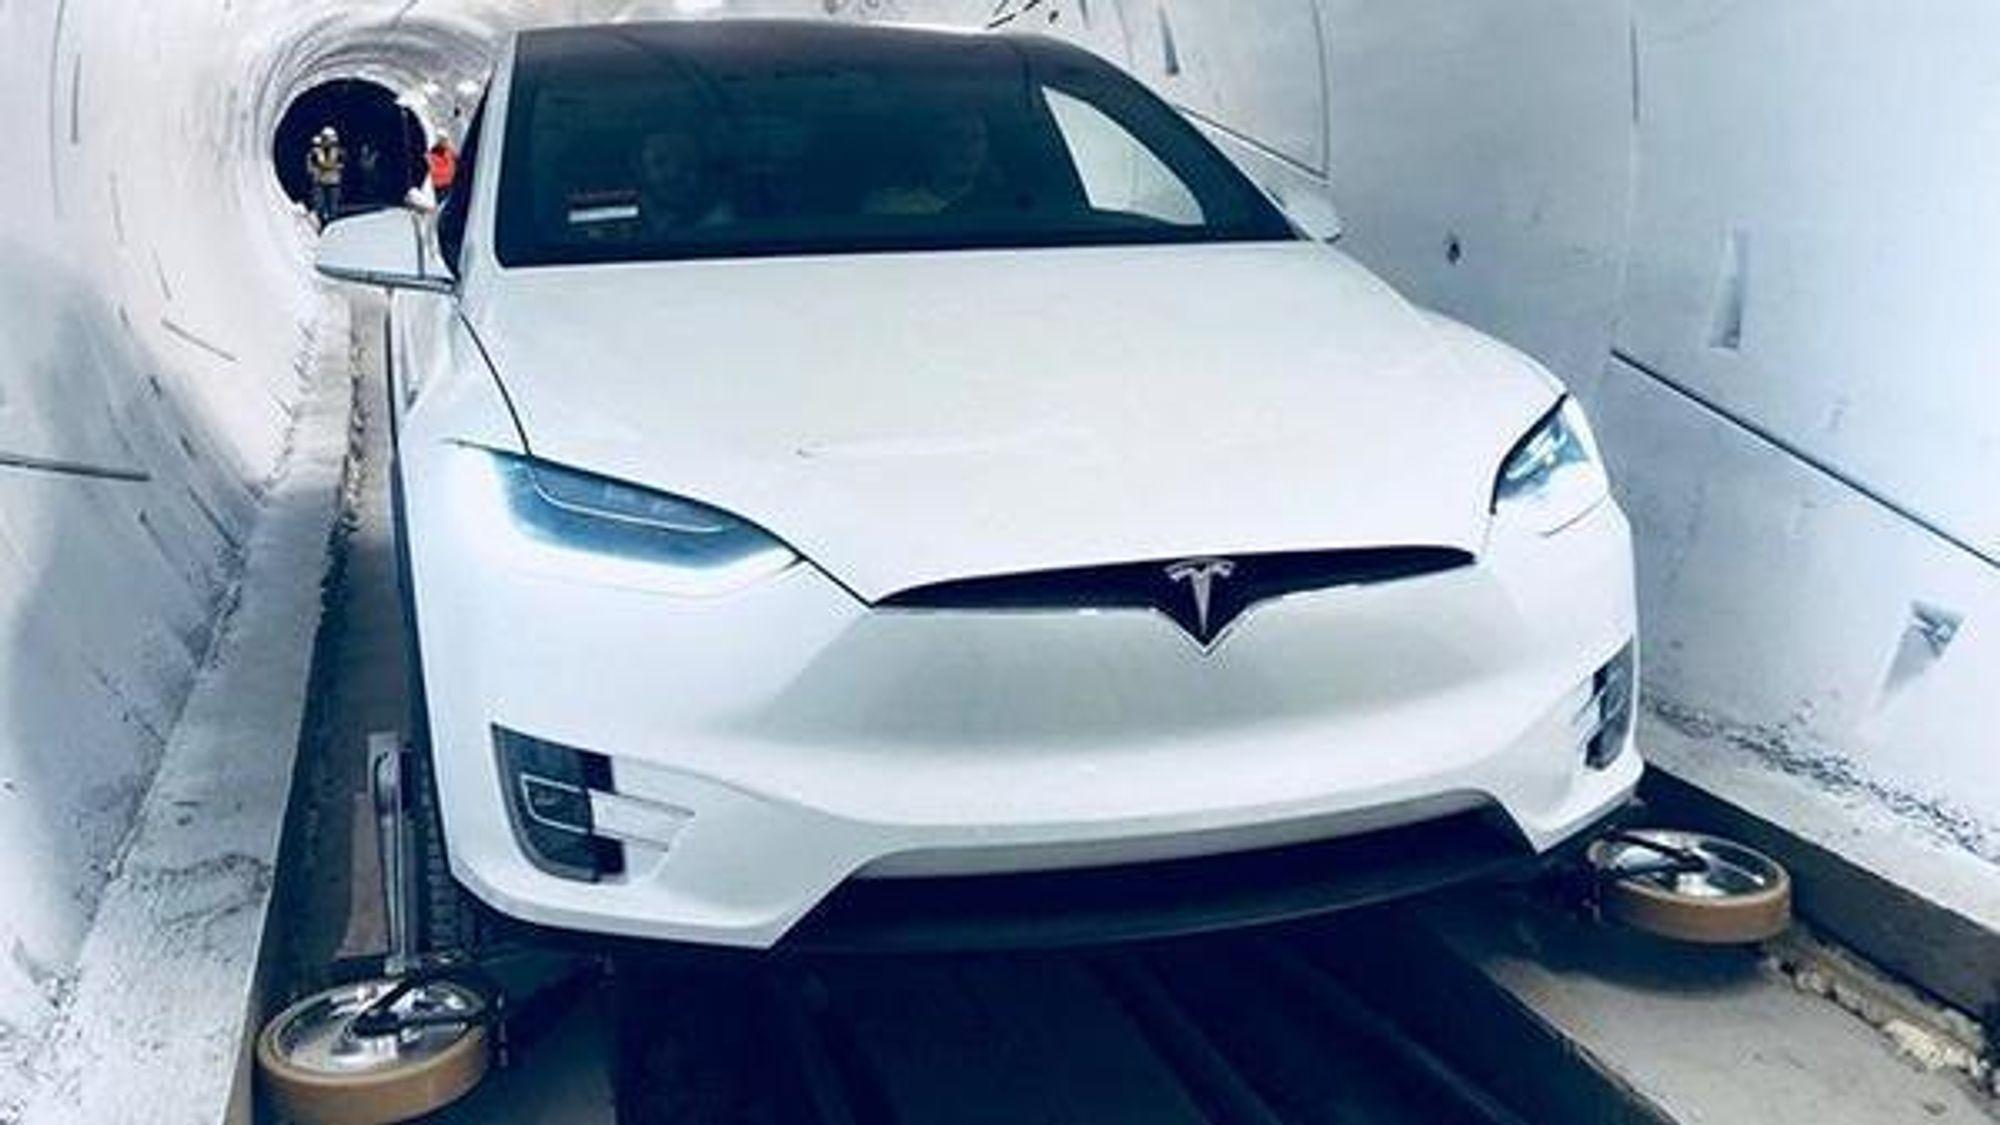 Utfellbare støttehjul var montert på Teslaen som ble brukt til å demonstrere The Boring Companys tunnelkonsept.